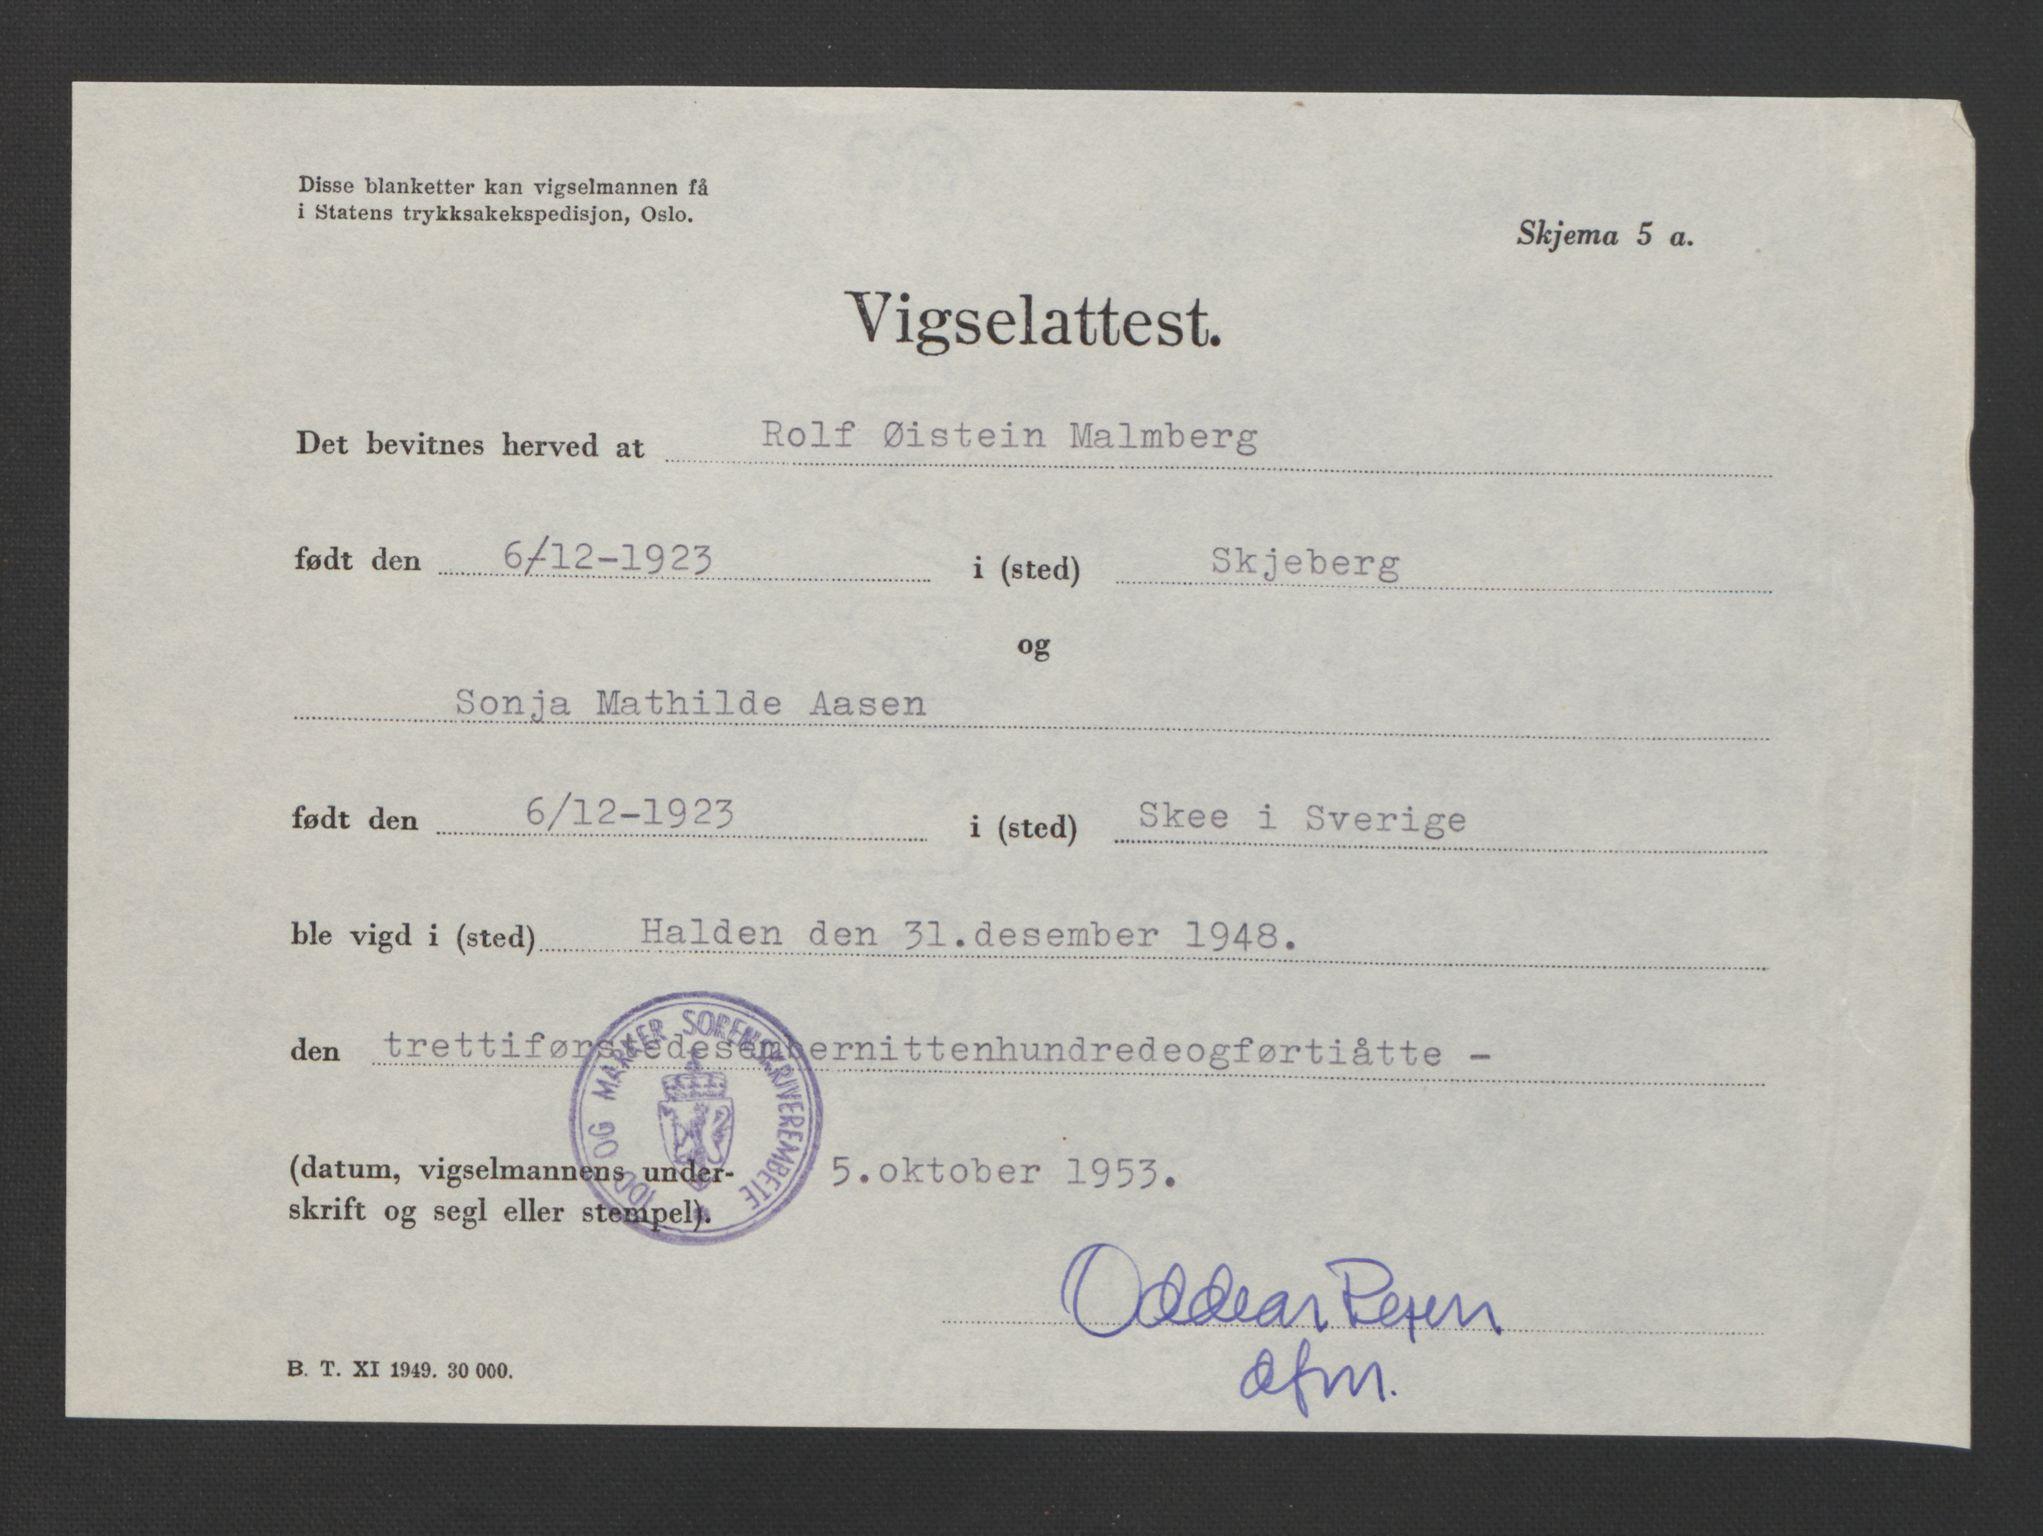 SAO, Idd og Marker sorenskriveri, L/Lc/L0001: Vigselsbøker, 1945-1949, s. upaginert